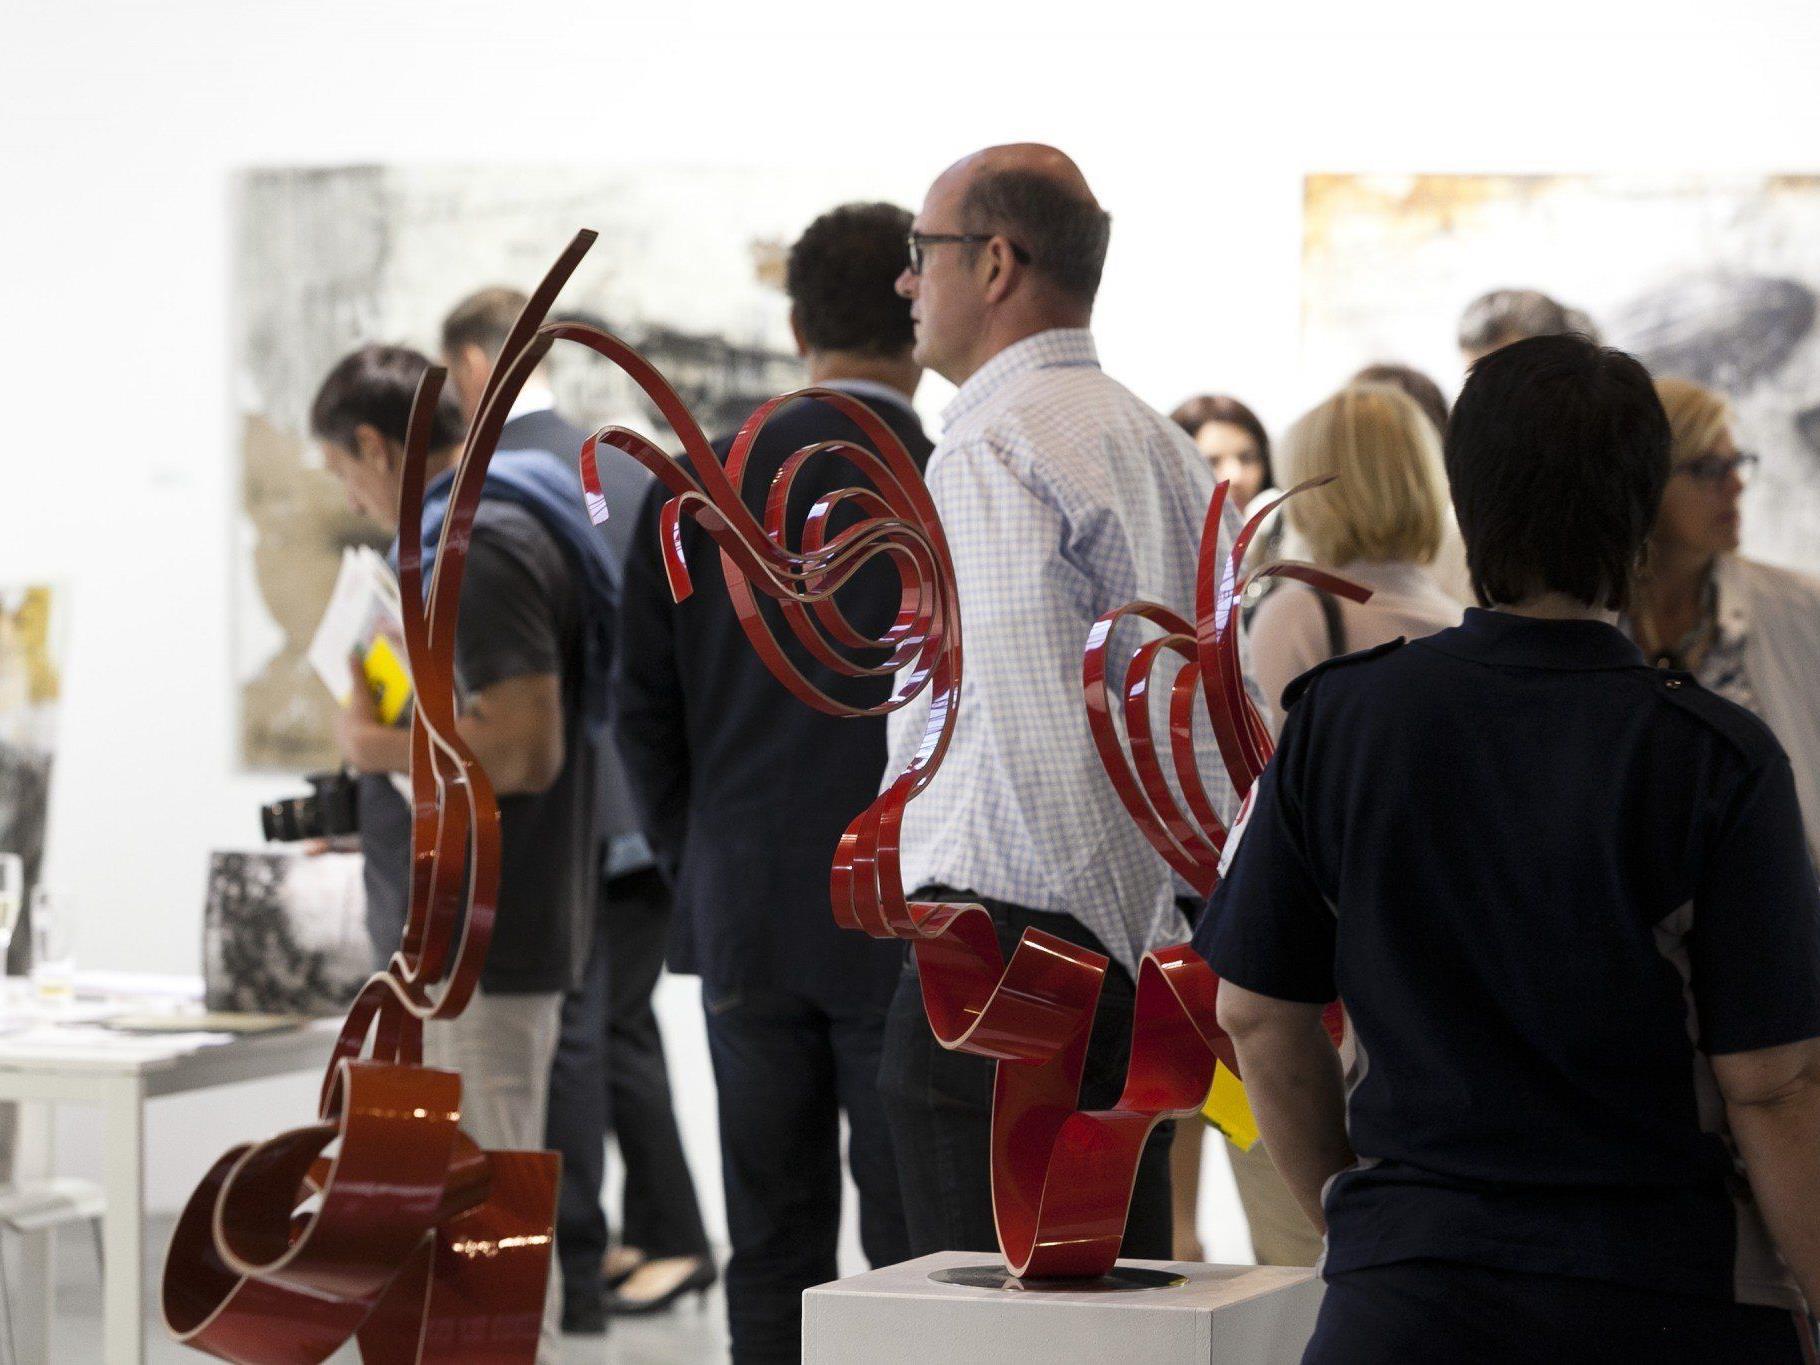 Die Sommer-Kunstmesse Art Bodensee ist der Treffpunkt für Sammler und Kunstliebhaber.